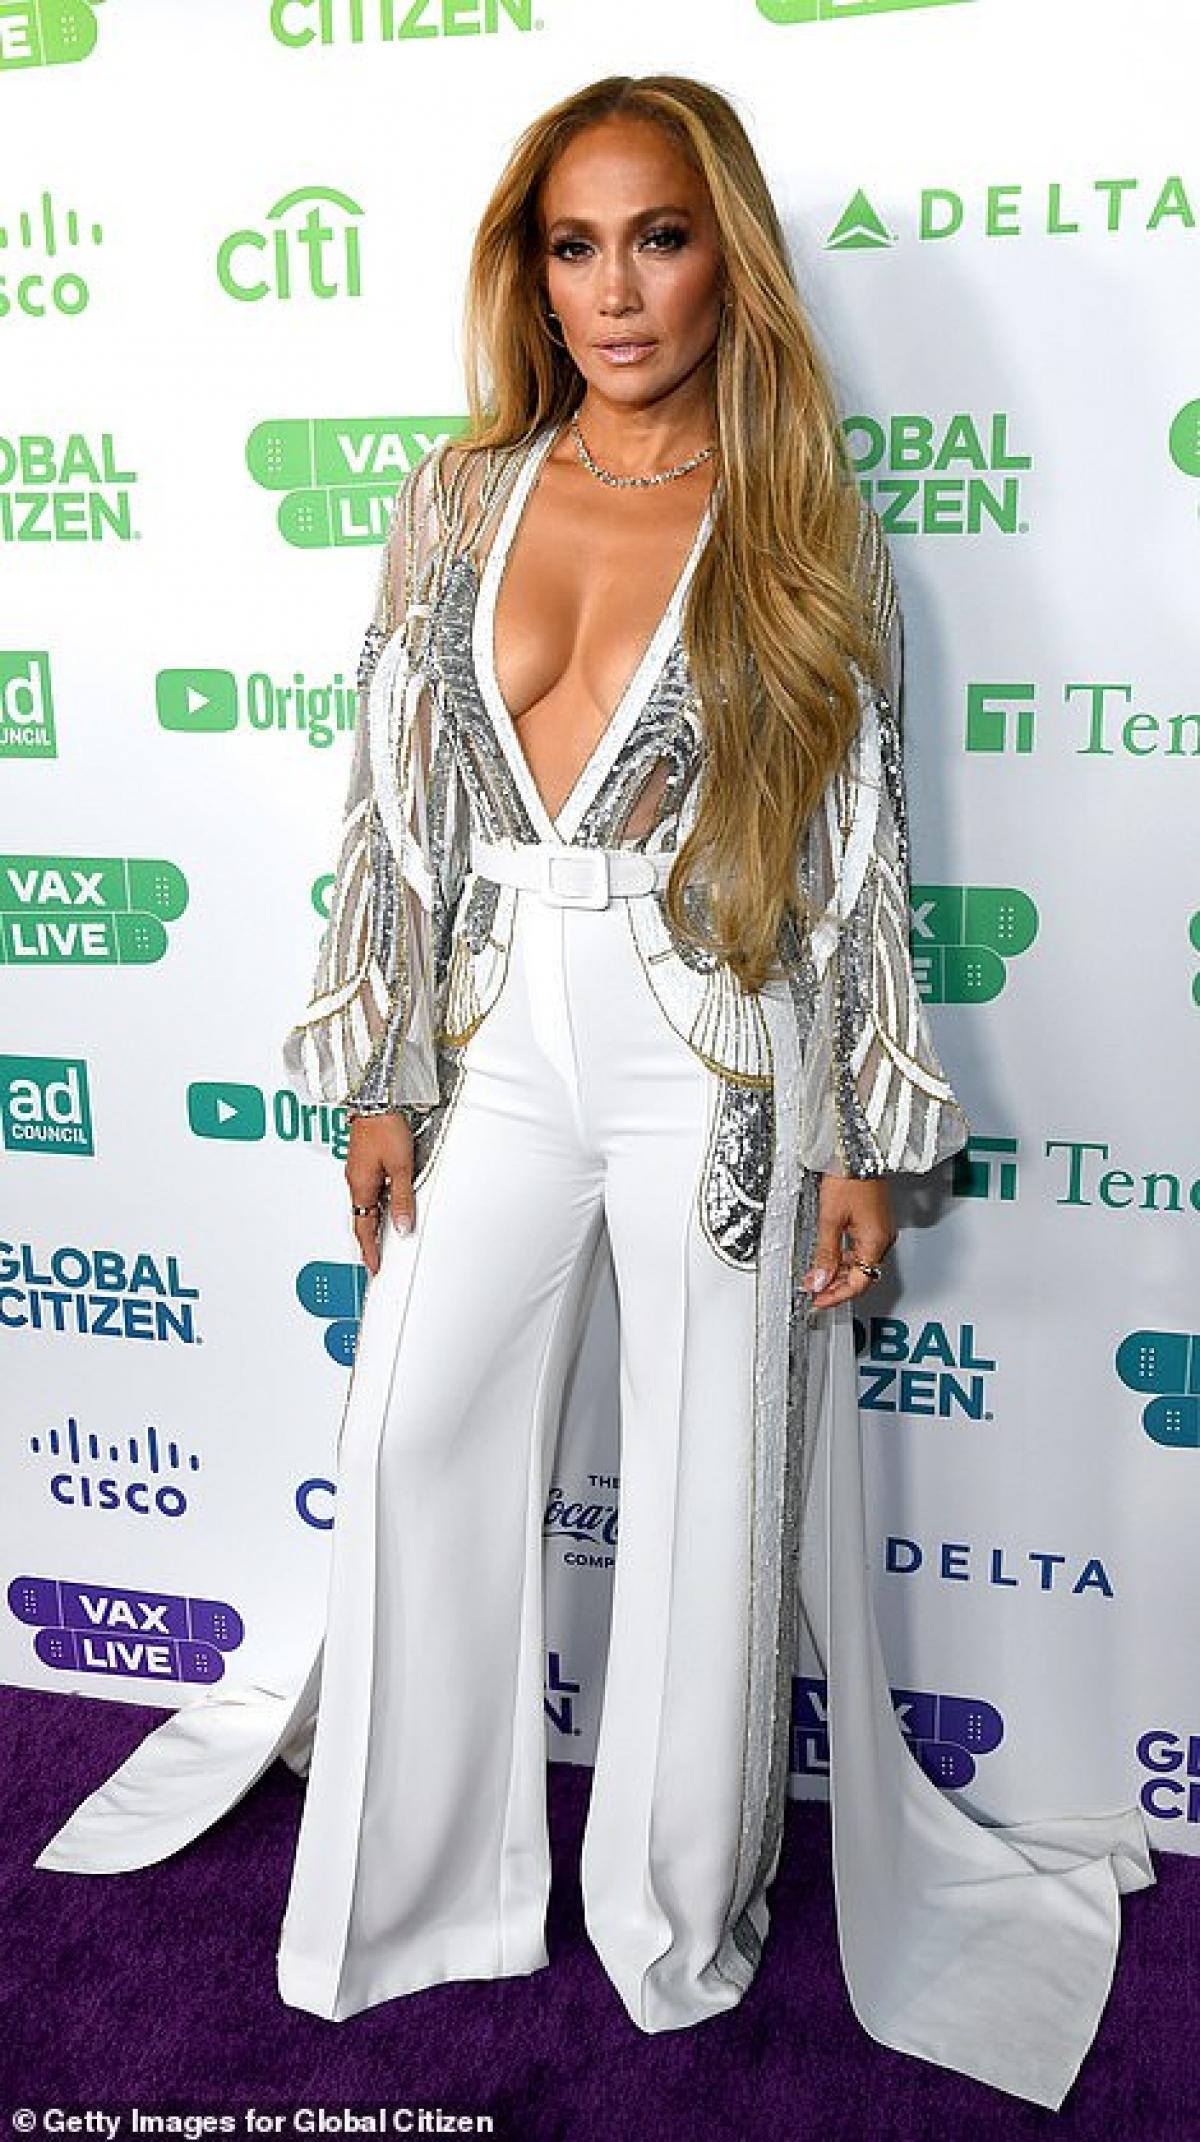 Nữ ca sĩ diện áo màu bạc lấp lánh khoét sâu gợi cảm, phối cùng quần suông trắng thanh lịch, tinh tế.